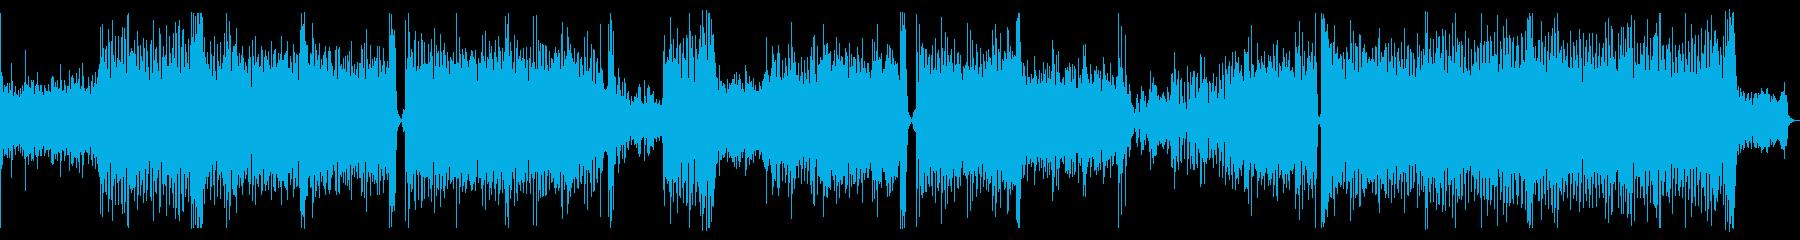 ラテン系の爽やかな4つ打ち曲です。の再生済みの波形